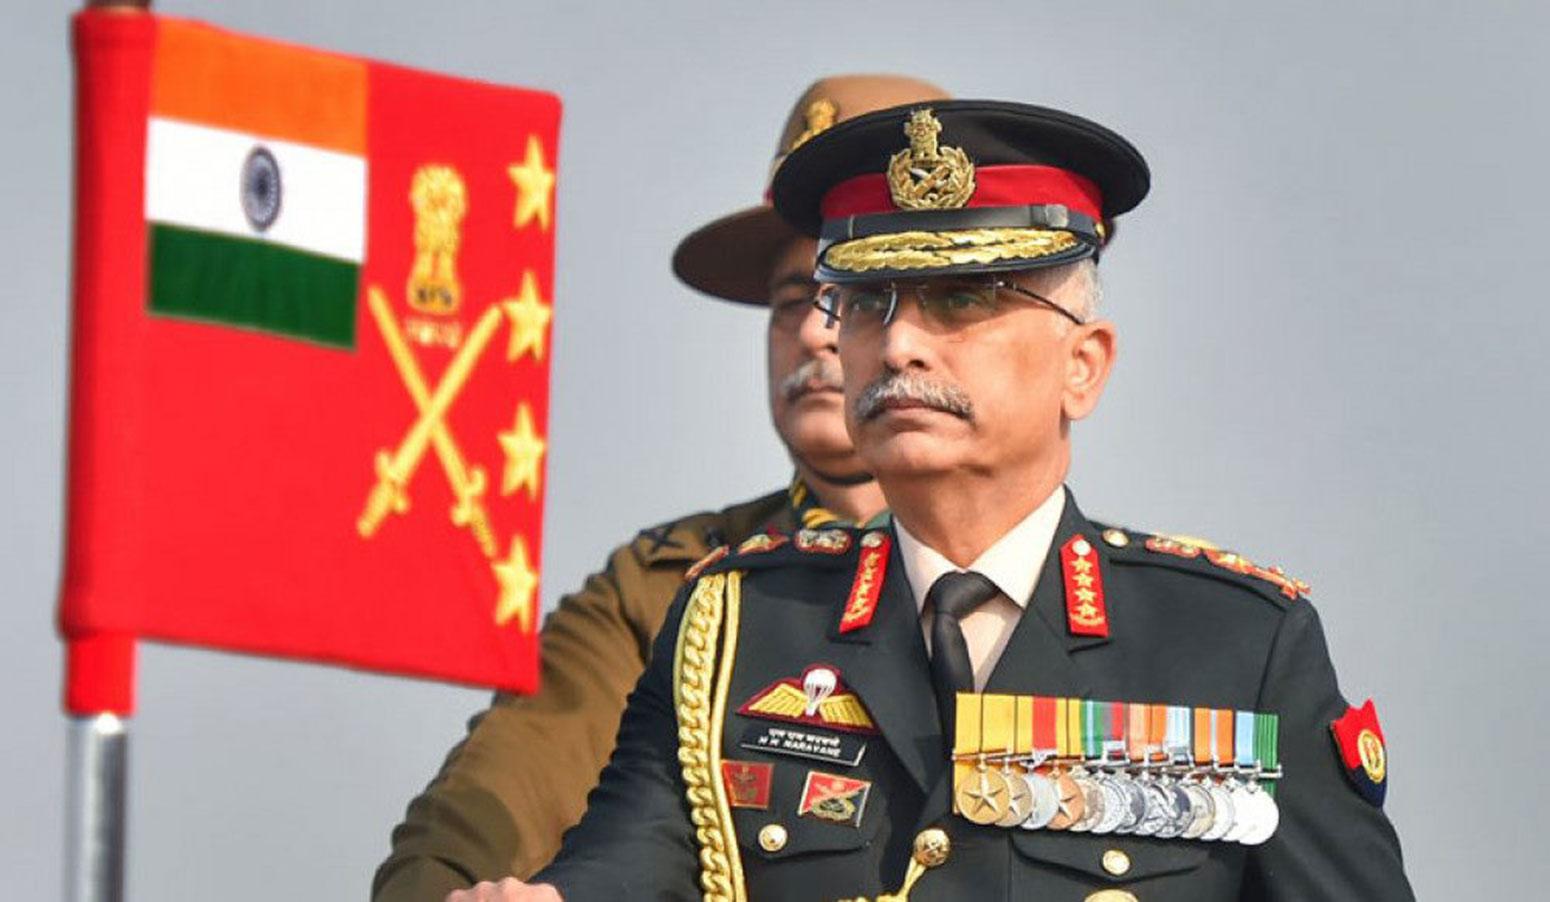 कालापानीबारे नेपाल अरूको इसारामा बोल्यो भन्ने भारतीय सेना प्रमुख नरवणे १८ कात्तिकमा आउँदै